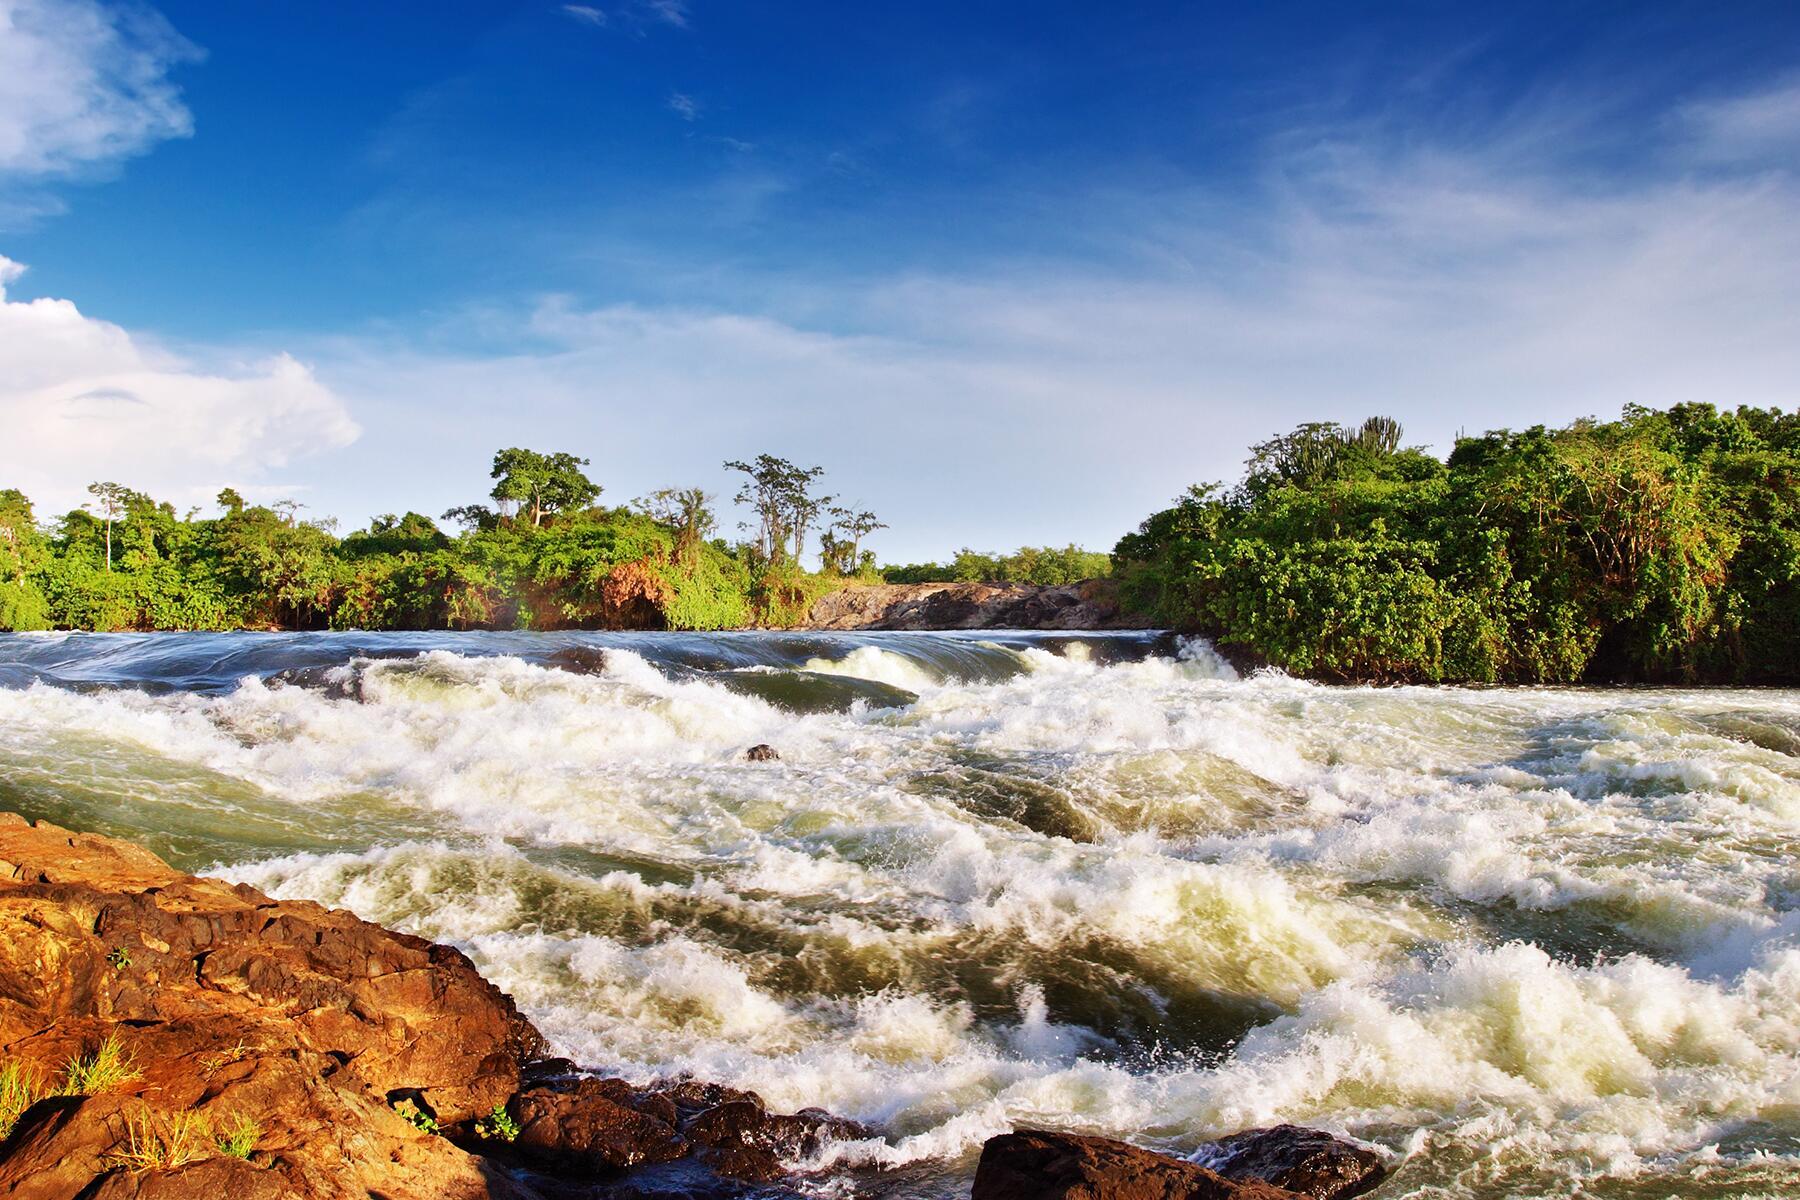 02_WhyJinjaisAdventure__Waterfalls_shutterstock_37306639